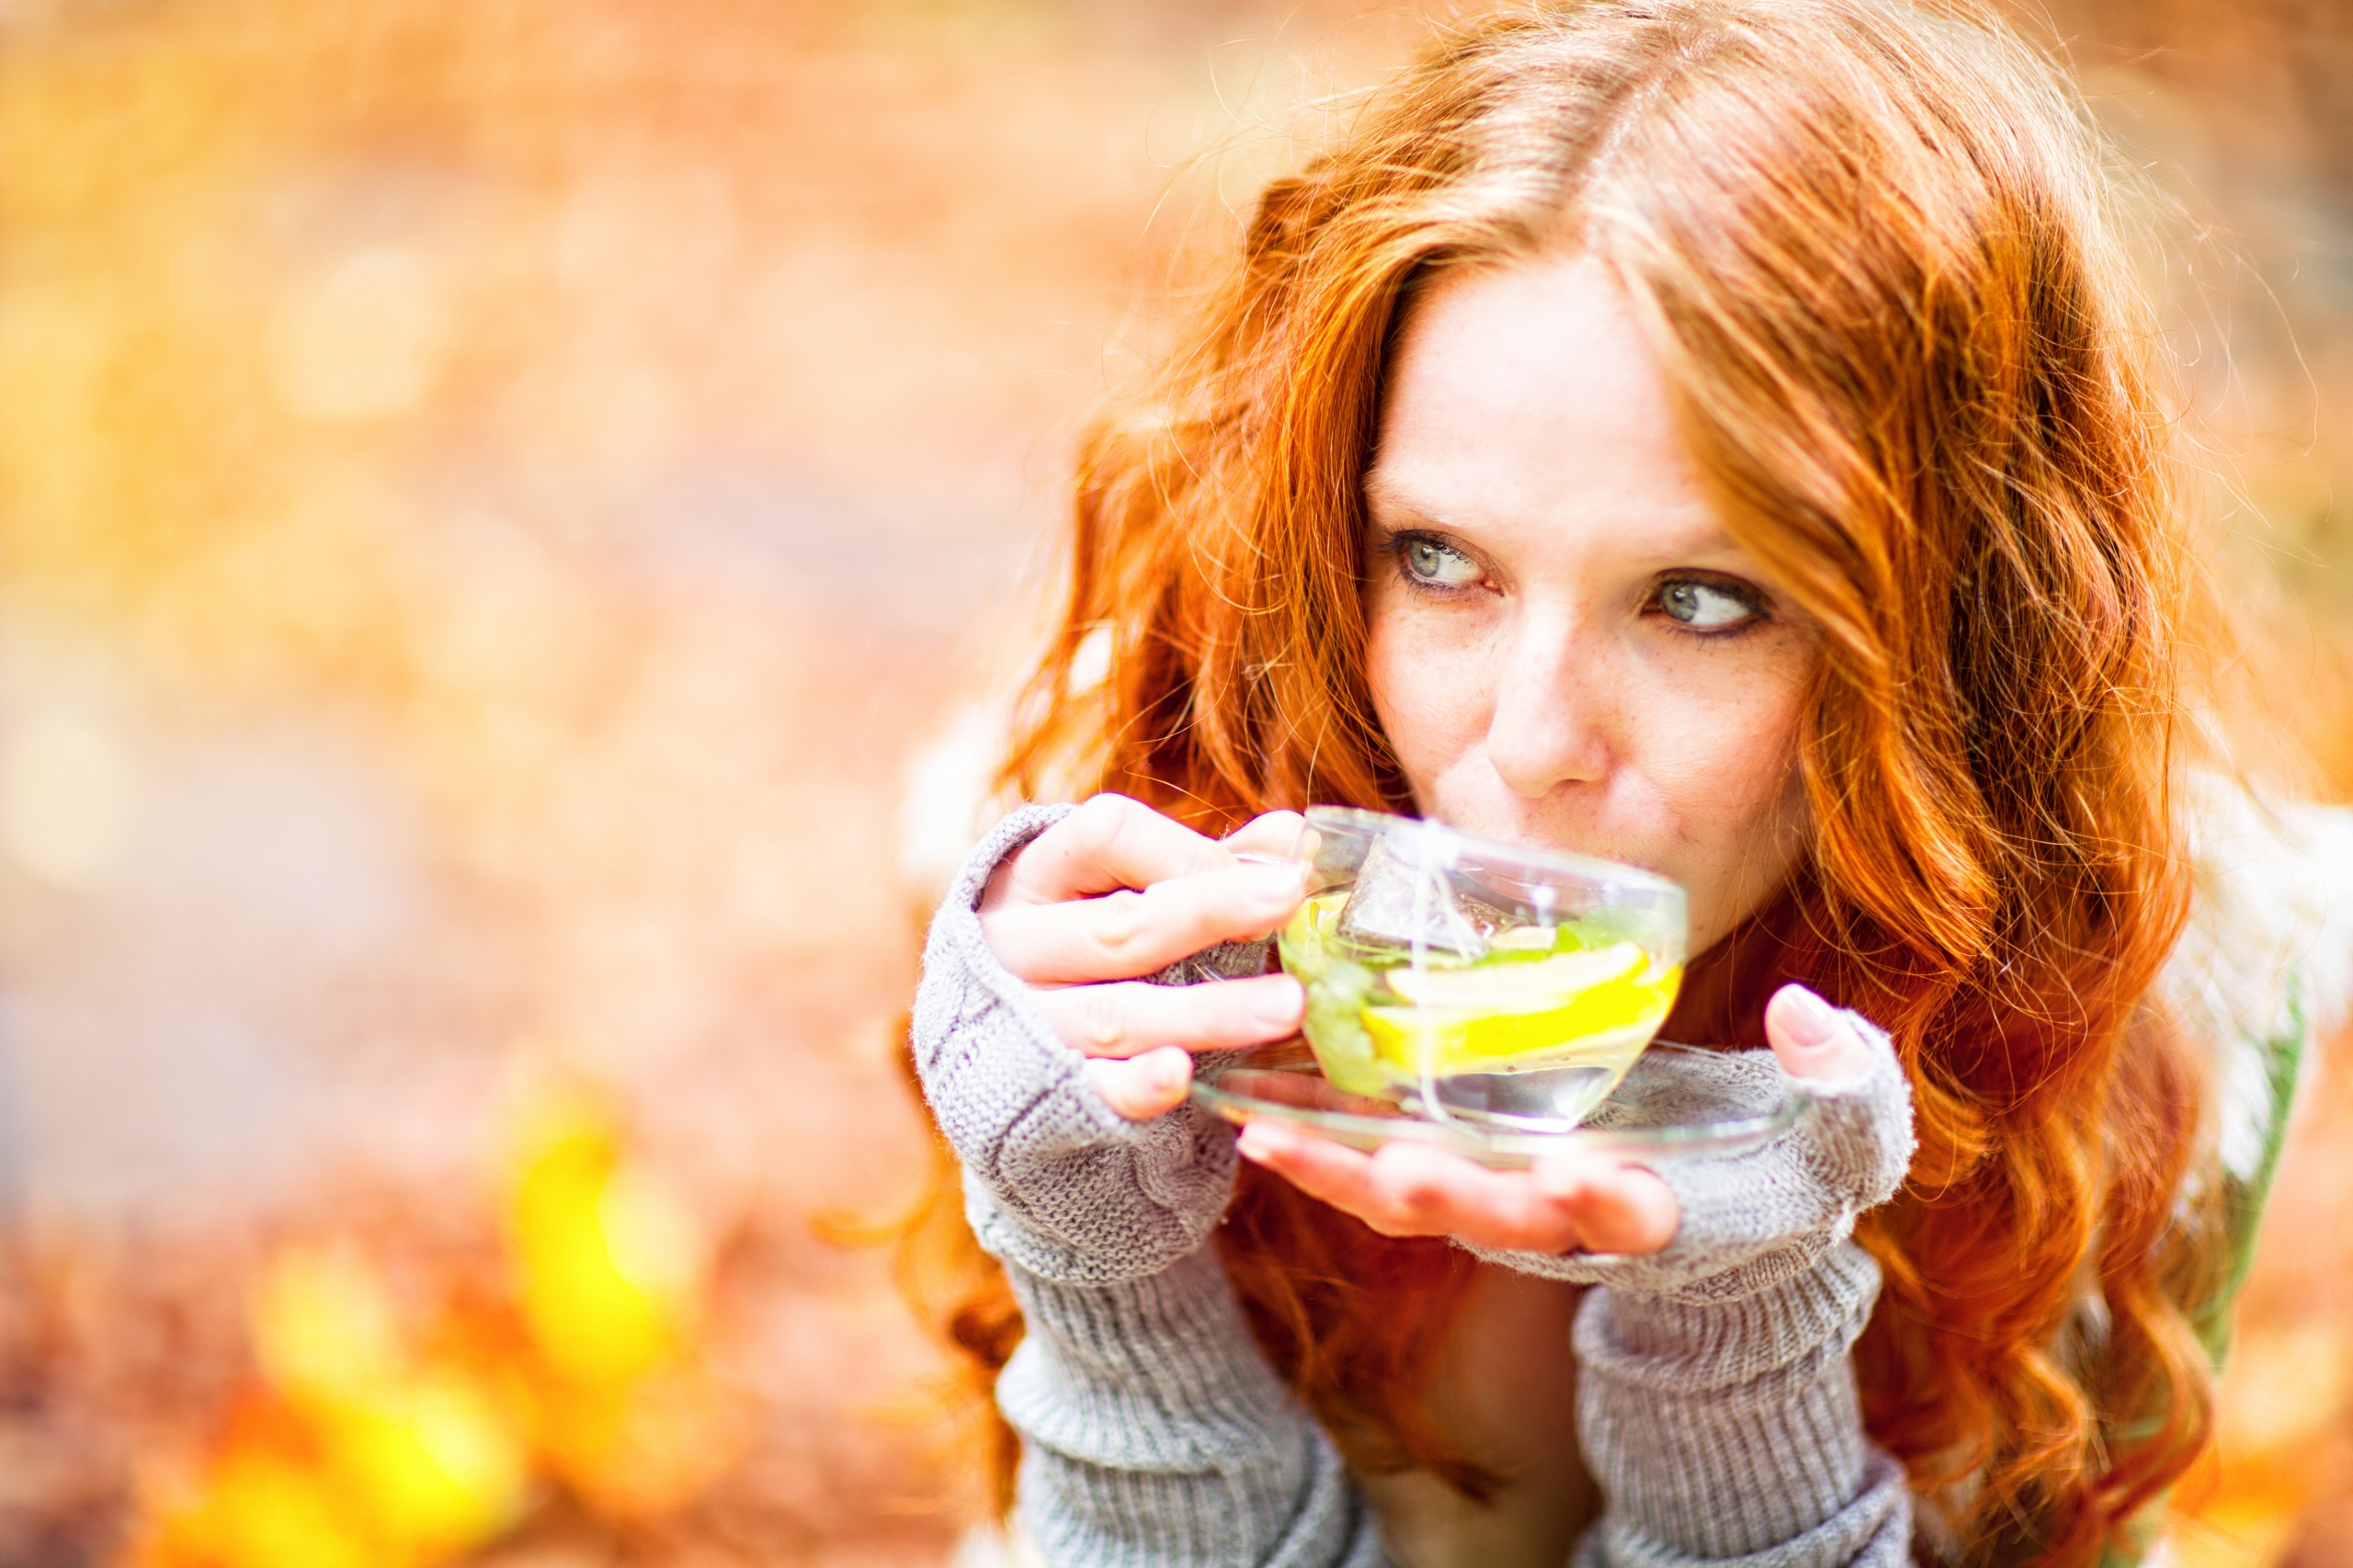 Как правильно пить имбирный напиток и худеть?